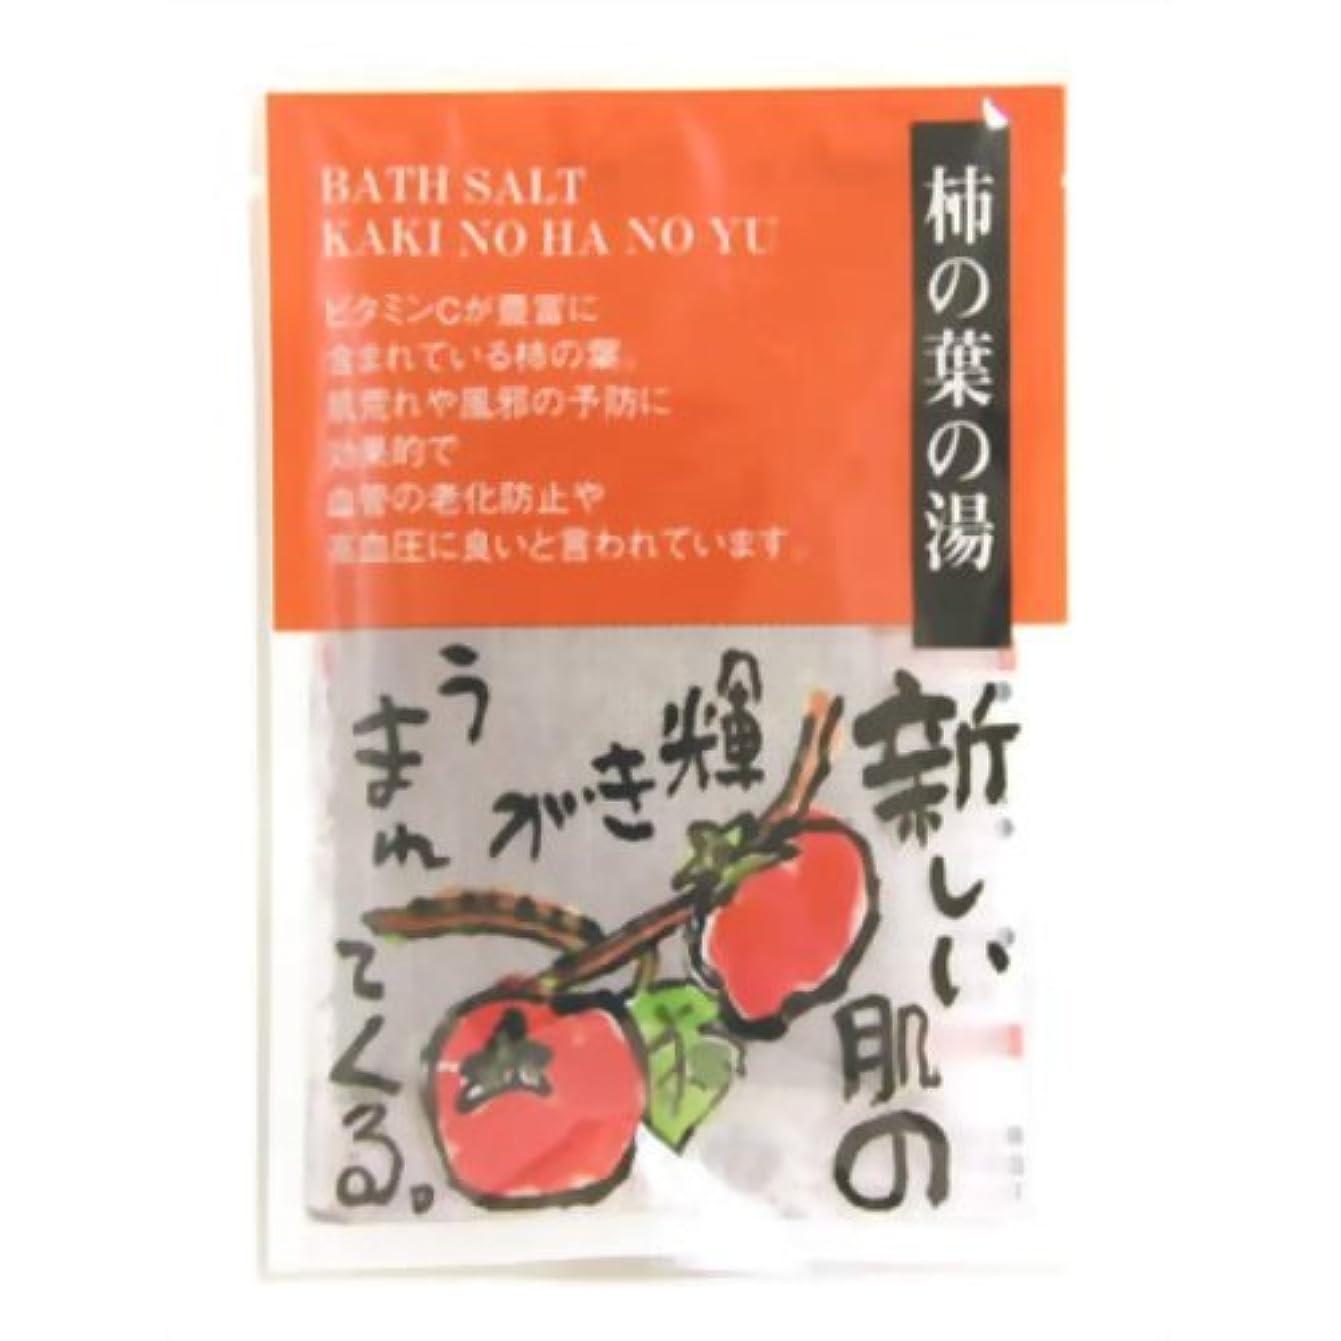 マイルストーン阻害する便利さ和漢の湯 やすらぎ便り 柿の葉の湯(ティーバッグタイプ)(入浴剤 ハーブ)